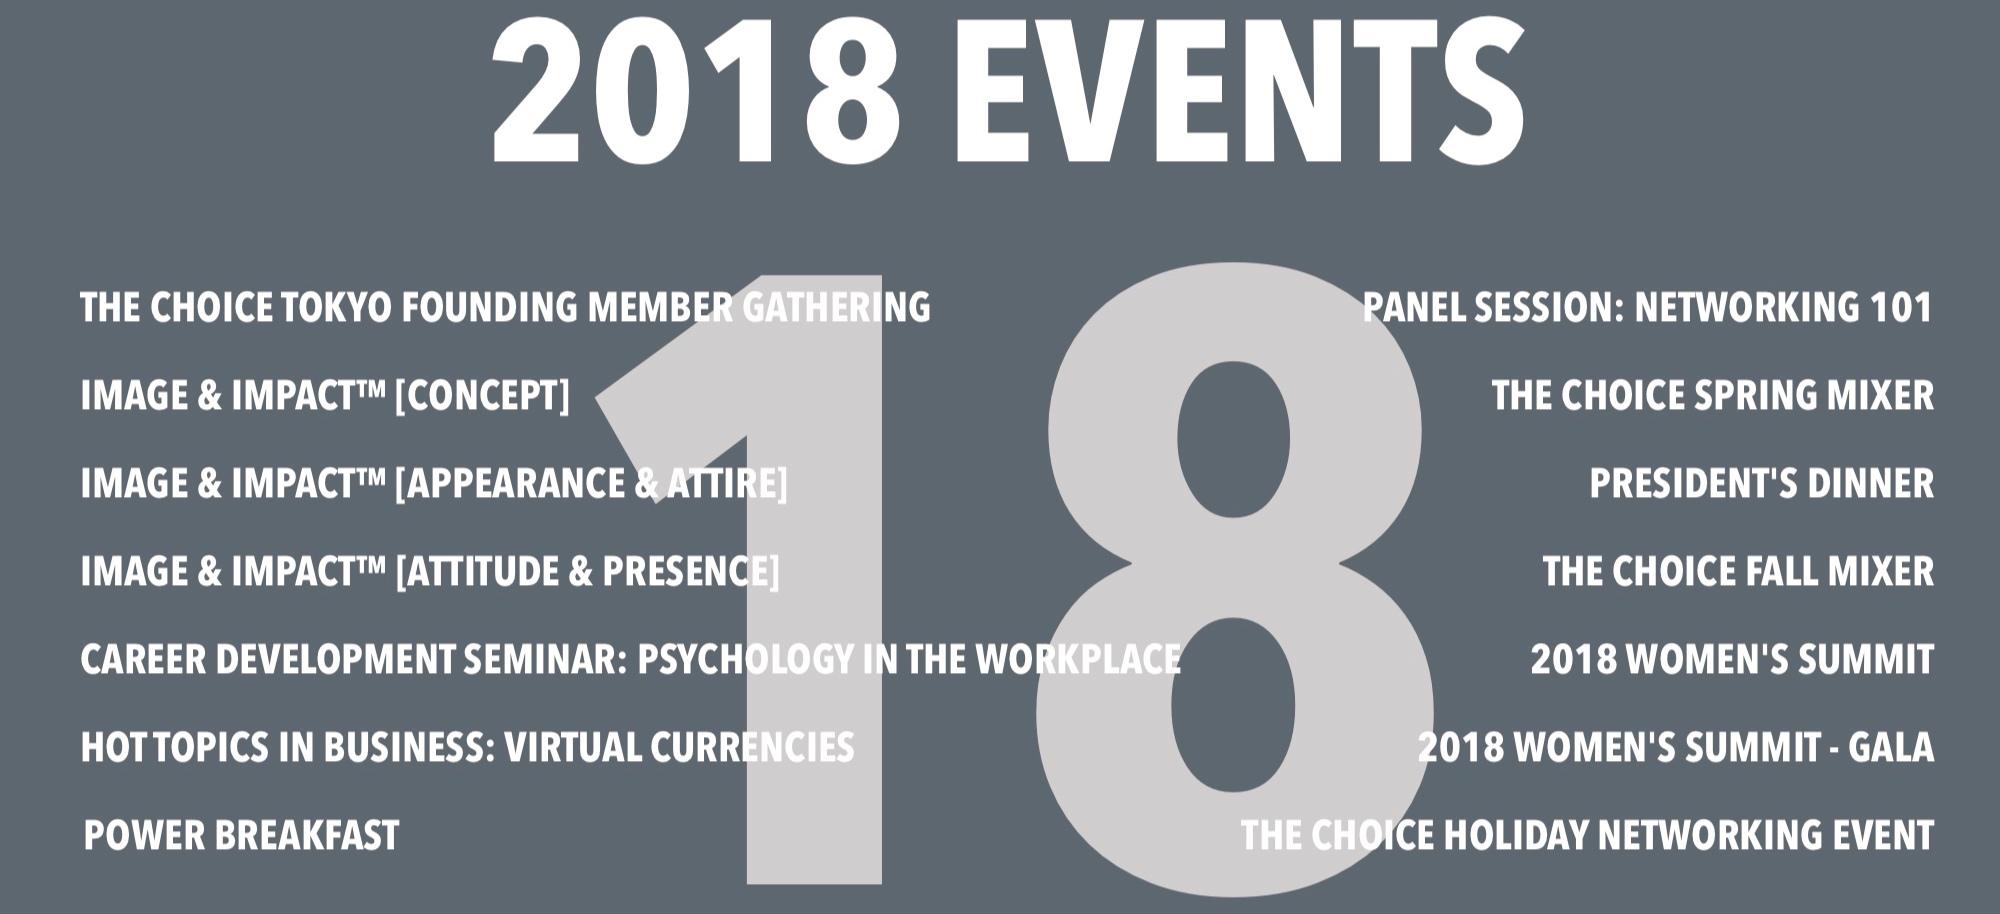 2018+THE+CHOICE+EVENTS.jpg